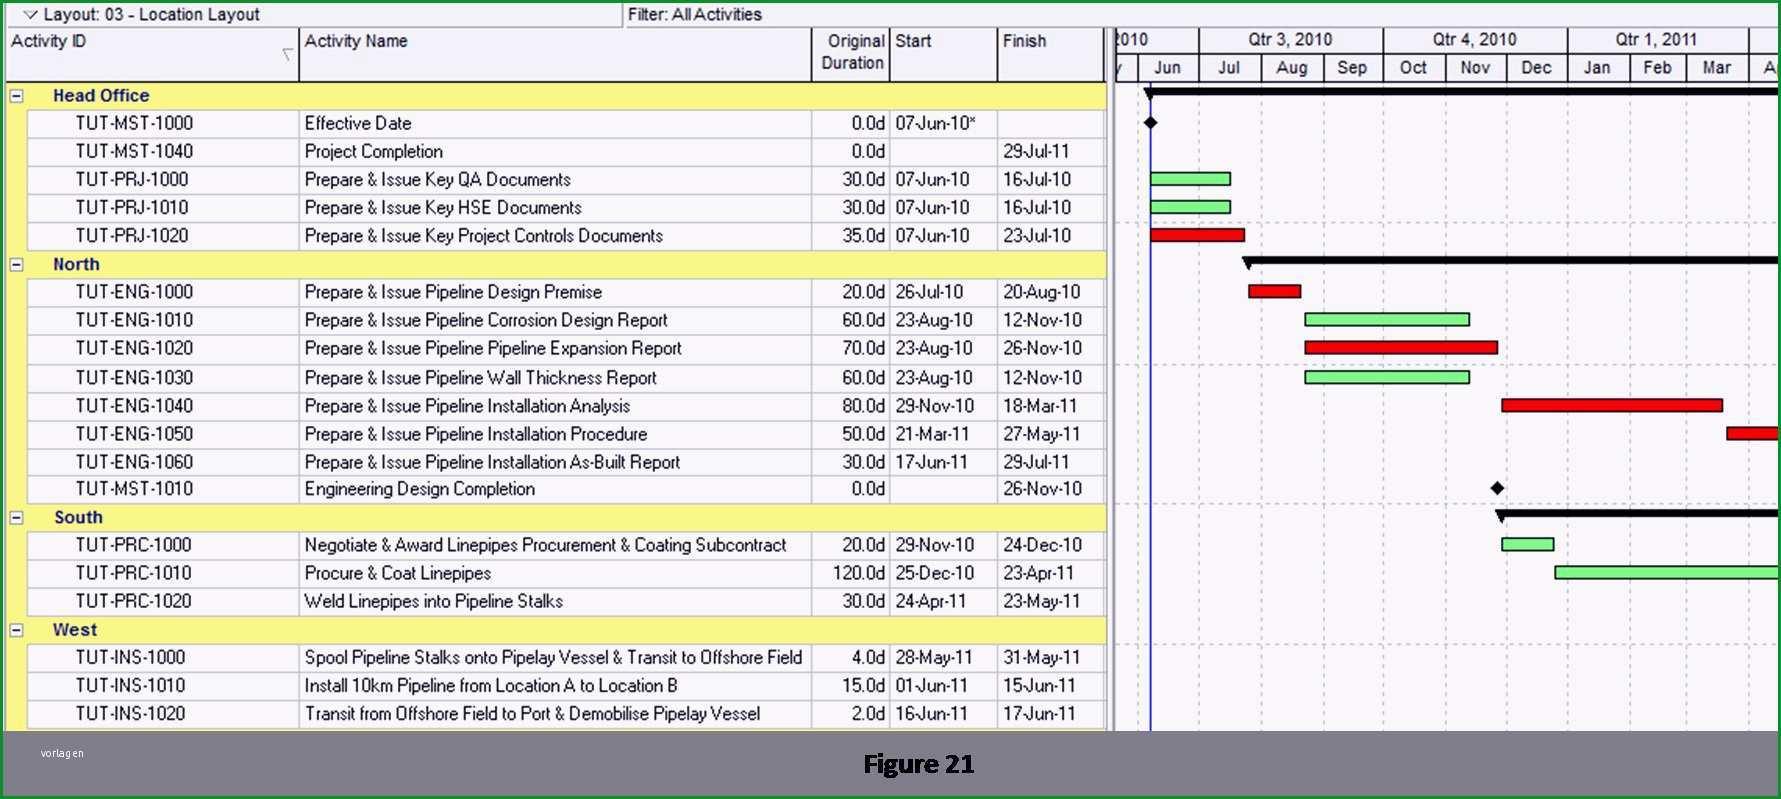 schichtplan excel vorlage kostenlos das beste von nstplan kalender excel foto schichtplaner excel kostenlos modell